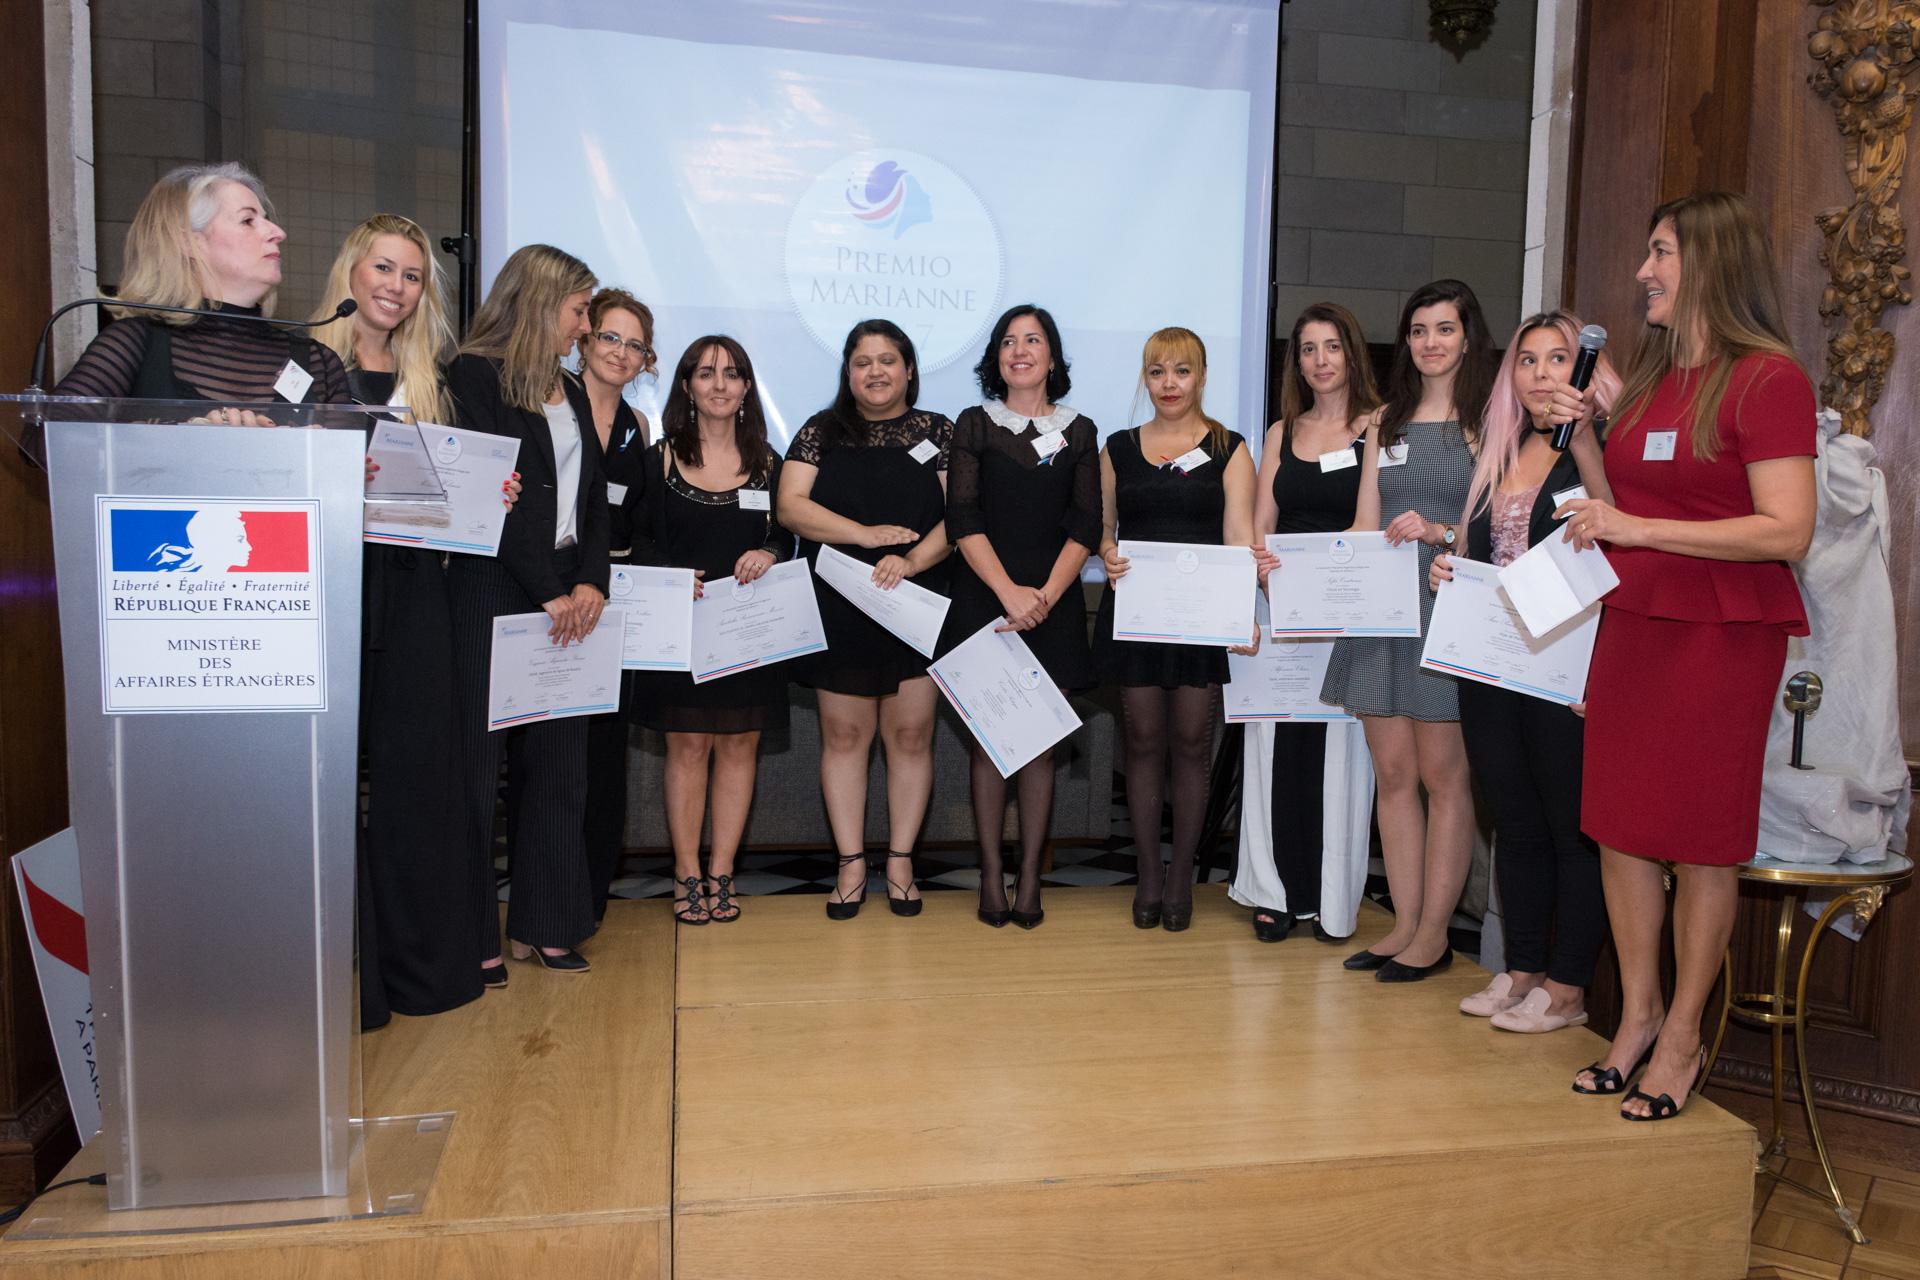 Las 10 mujeres emprendedoras seleccionadas para el premio Marianne. Variados rubros se presentaron: industrial, diseño, servicios y tecnología participaron con sus proyectos para el gran premio de un viaje a Francia. Recibieron un diploma por haber sido seleccionadas entre más de 100 concursantes